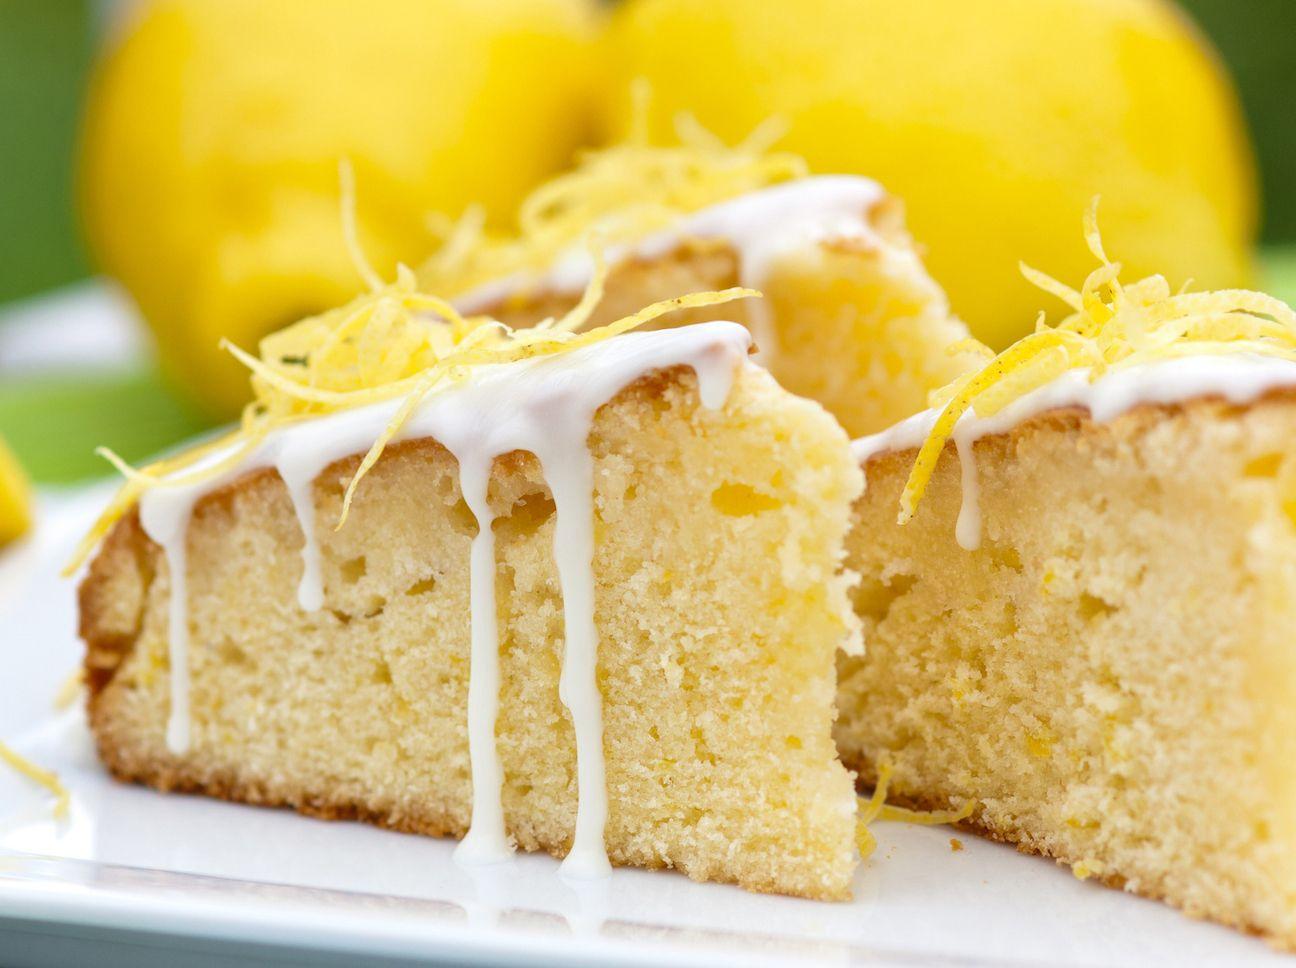 Diesen Zitronen Joghurt Kuchen Mussen Sie Unbedingt Nachbacken Joghurt Kuchen Susse Kuchen Zitronen Kuchen